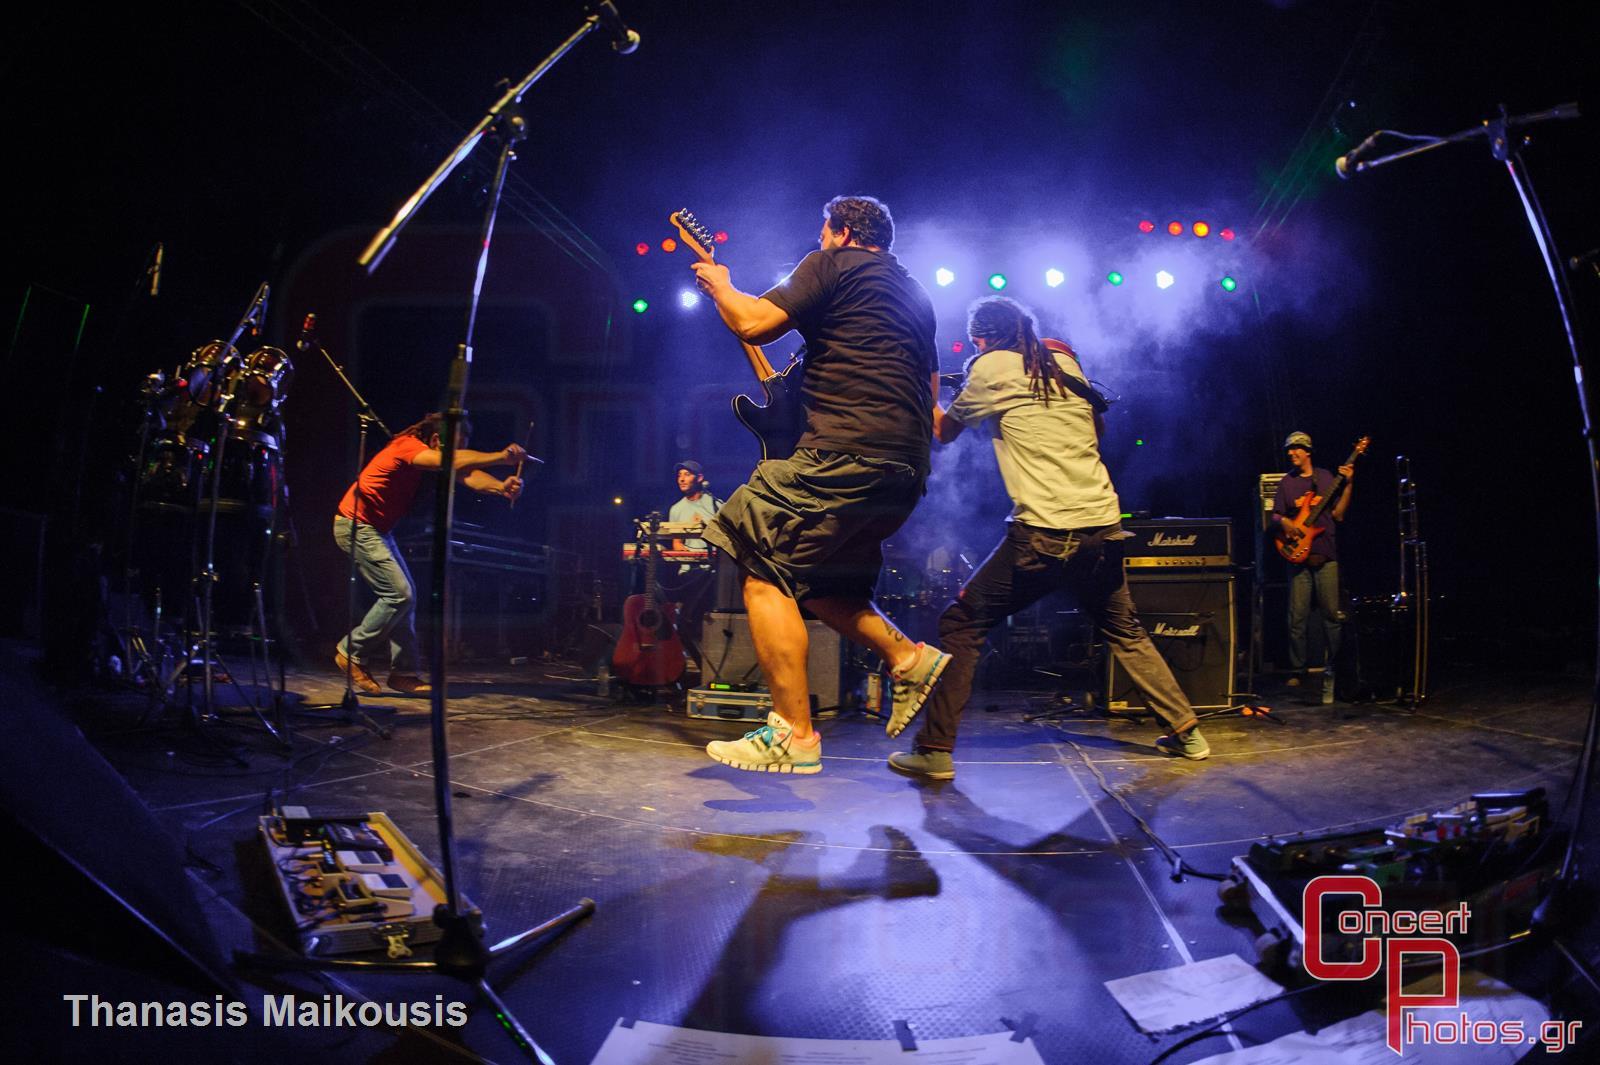 Locomondo-Locomondo 2013 Bolivar photographer: Thanasis Maikousis - concertphotos_-6417